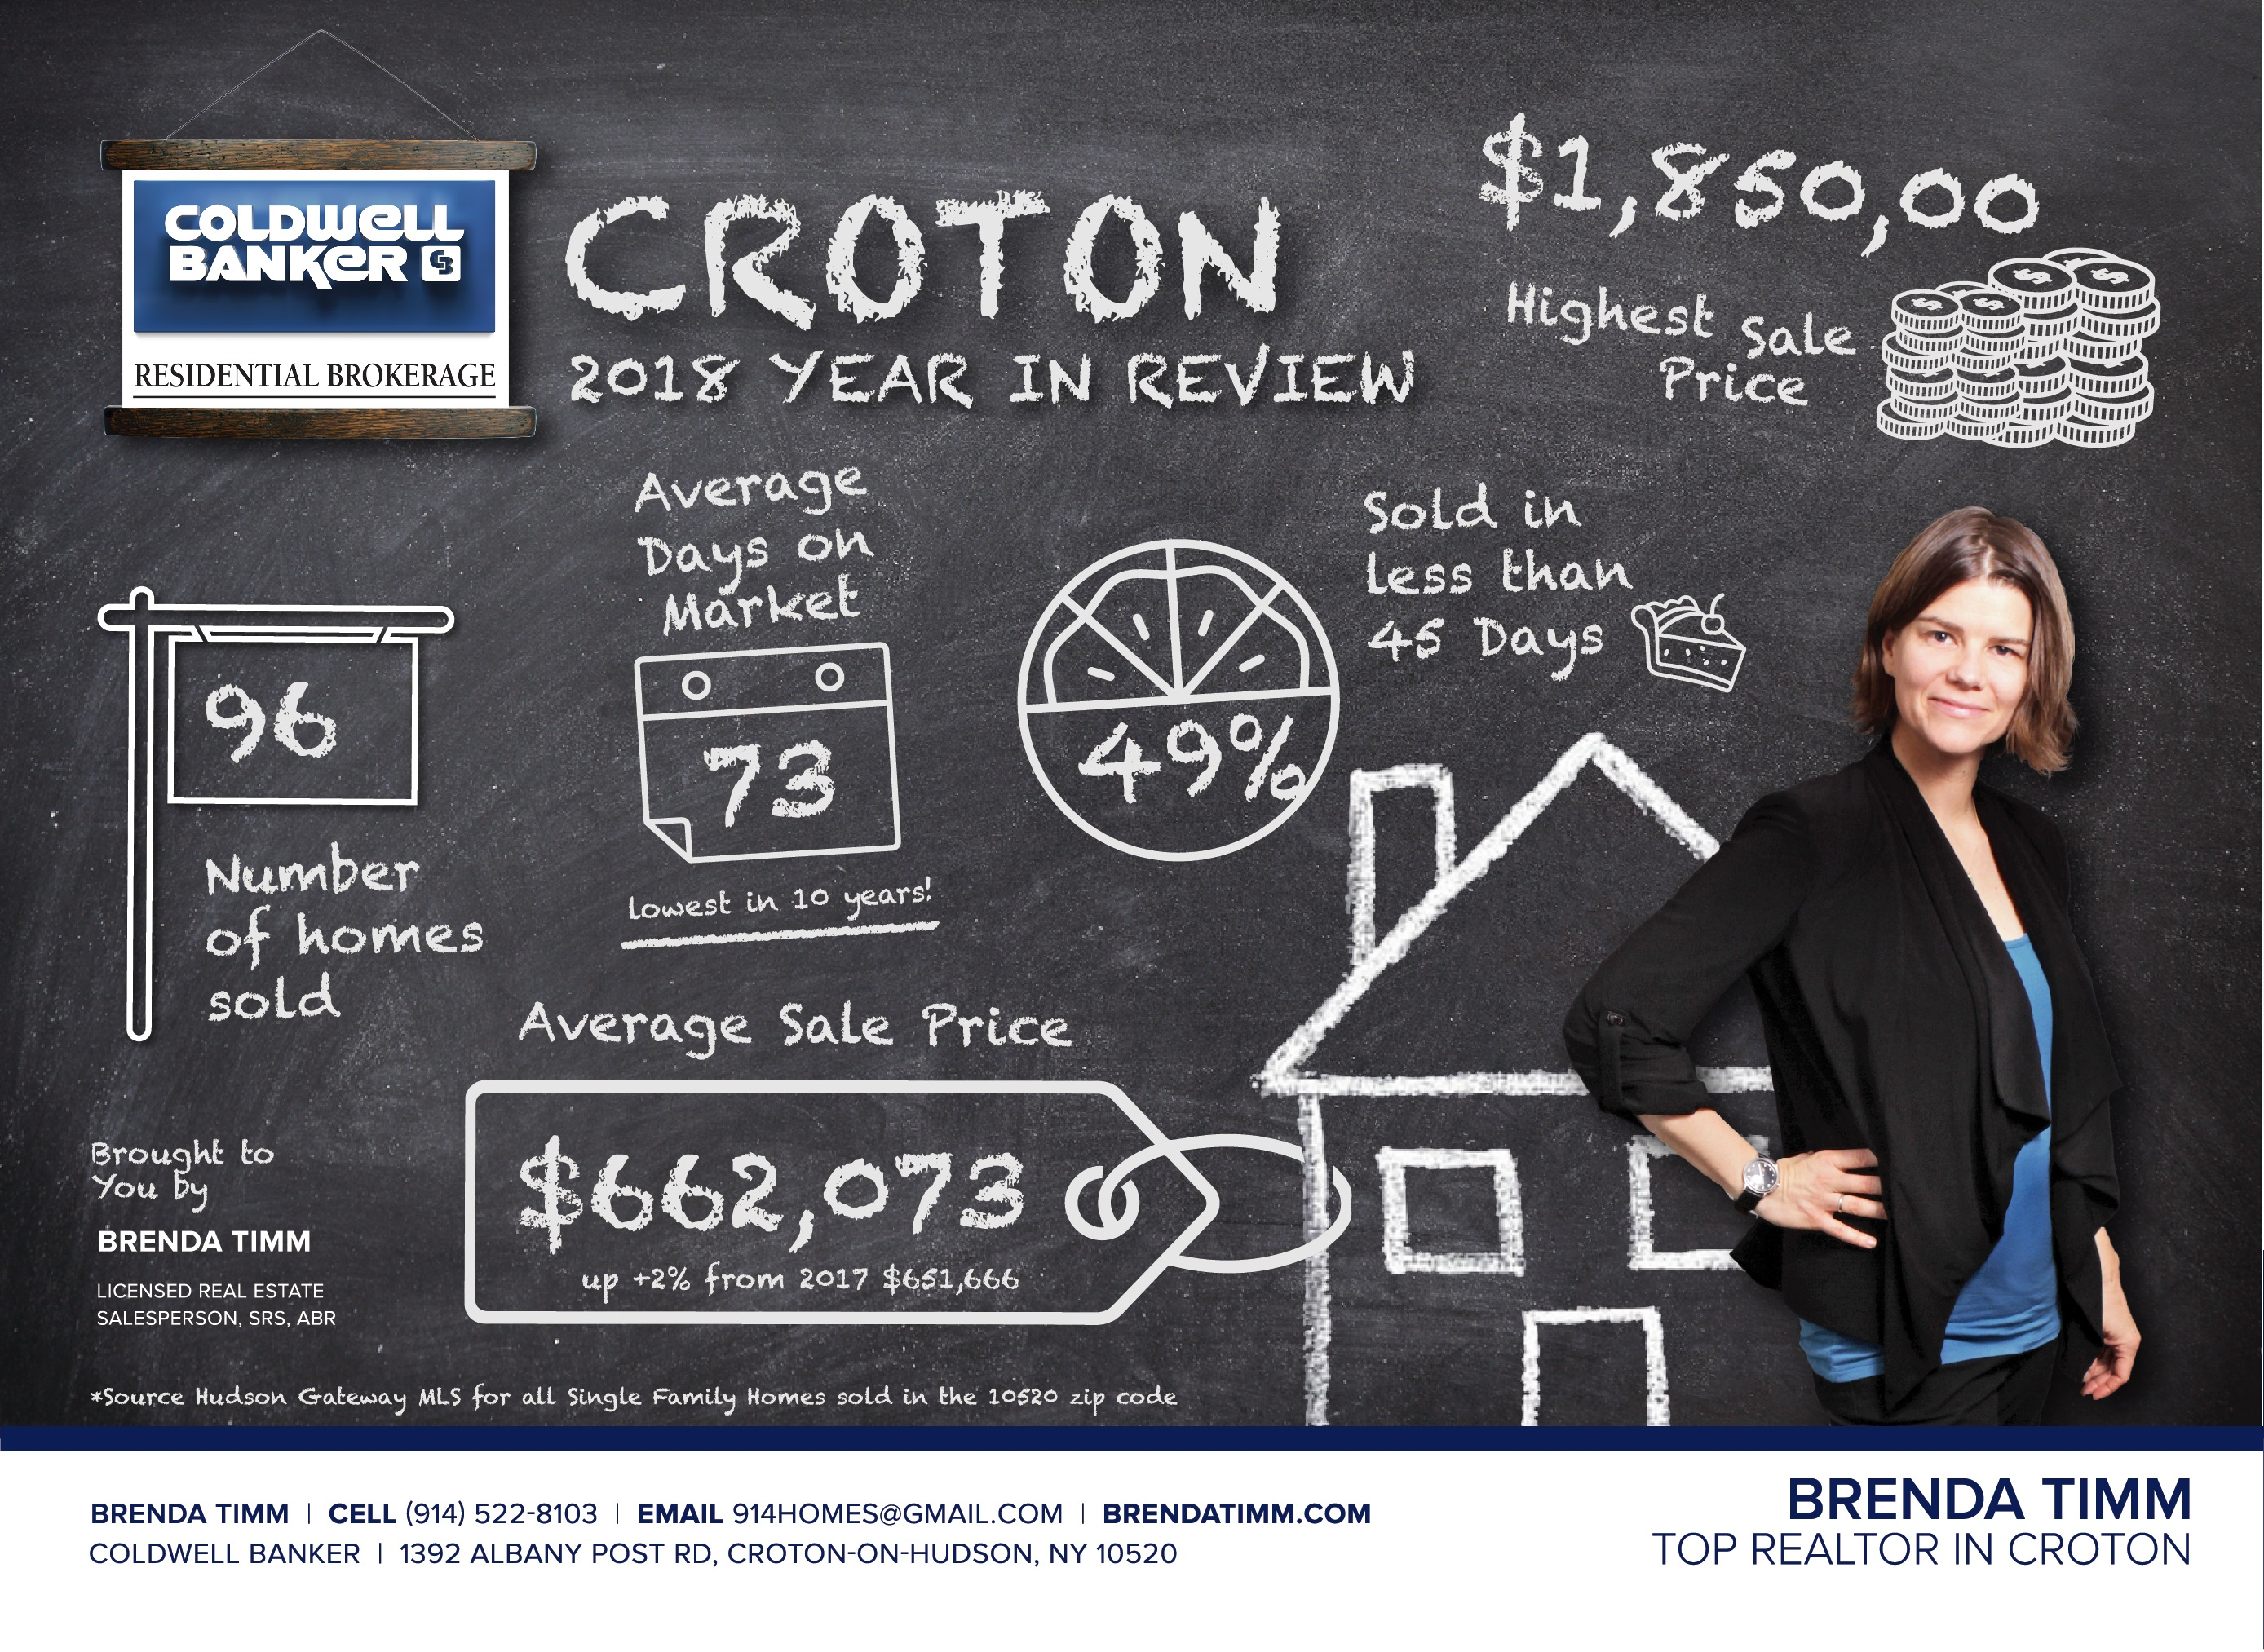 BT_2019__Croton_6.5x9_Postcard_R3-01